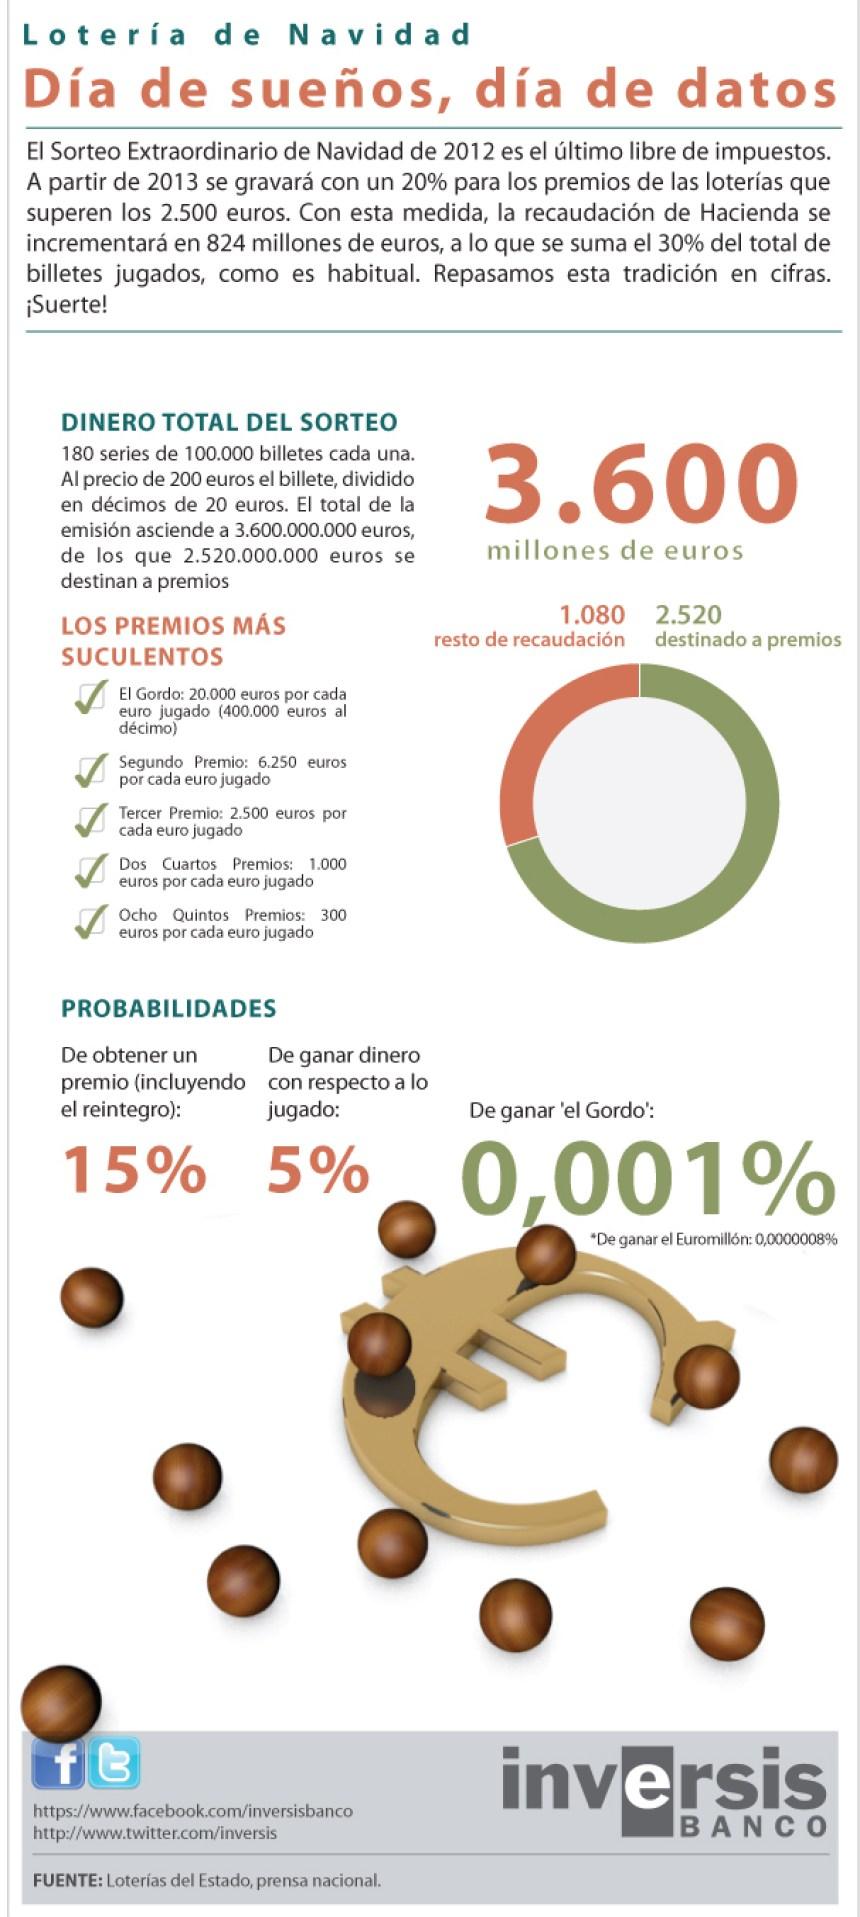 Las cifras del sorteo de Lotería de Navidad en España